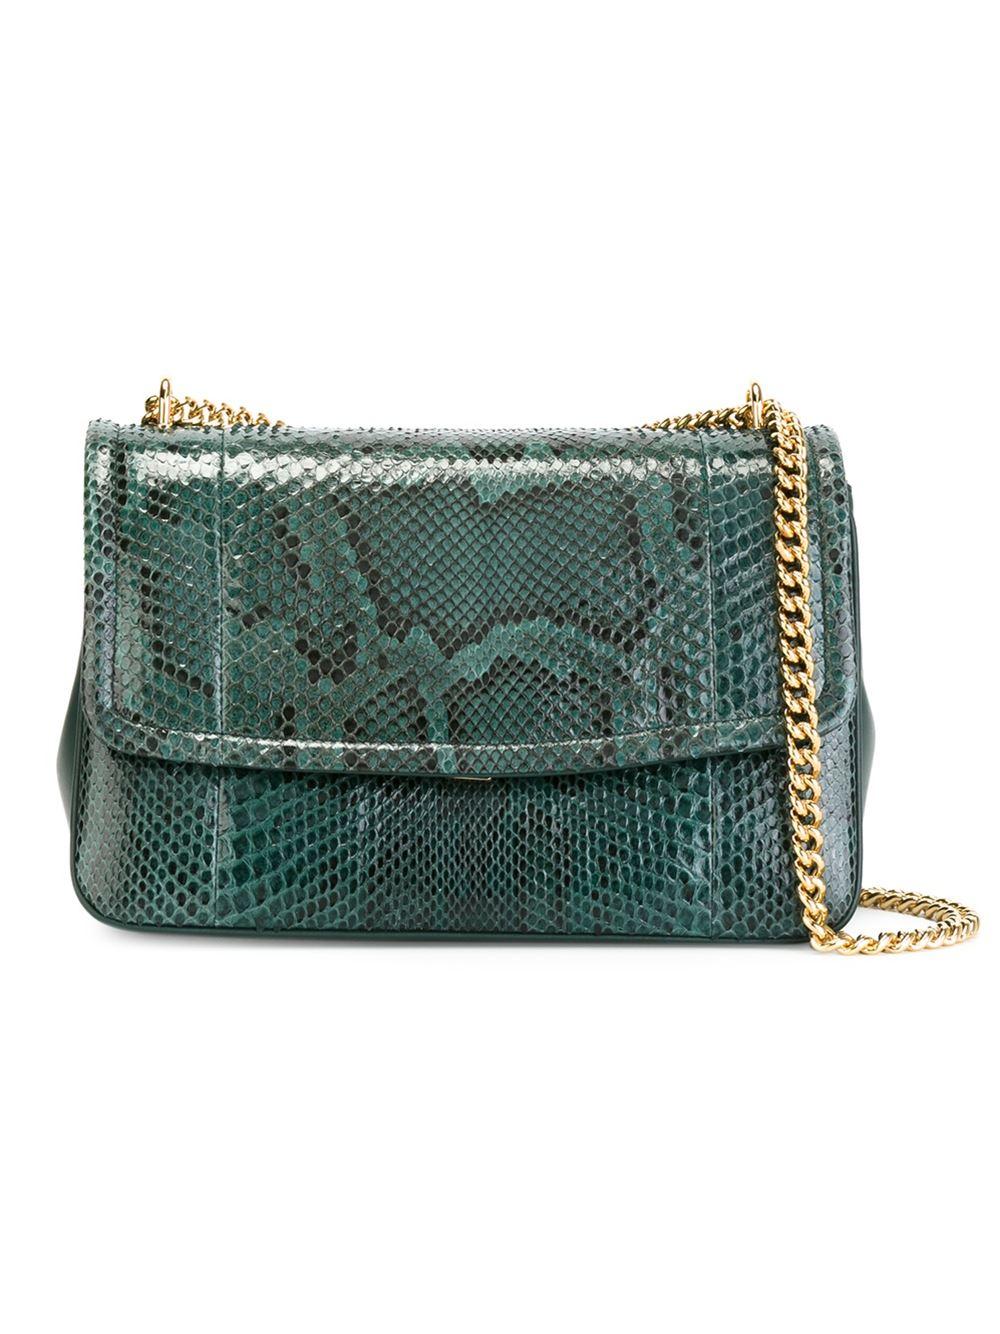 Lyst - Dolce   Gabbana  margherita  Shoulder Bag in Green 7a4ef10c1ea02